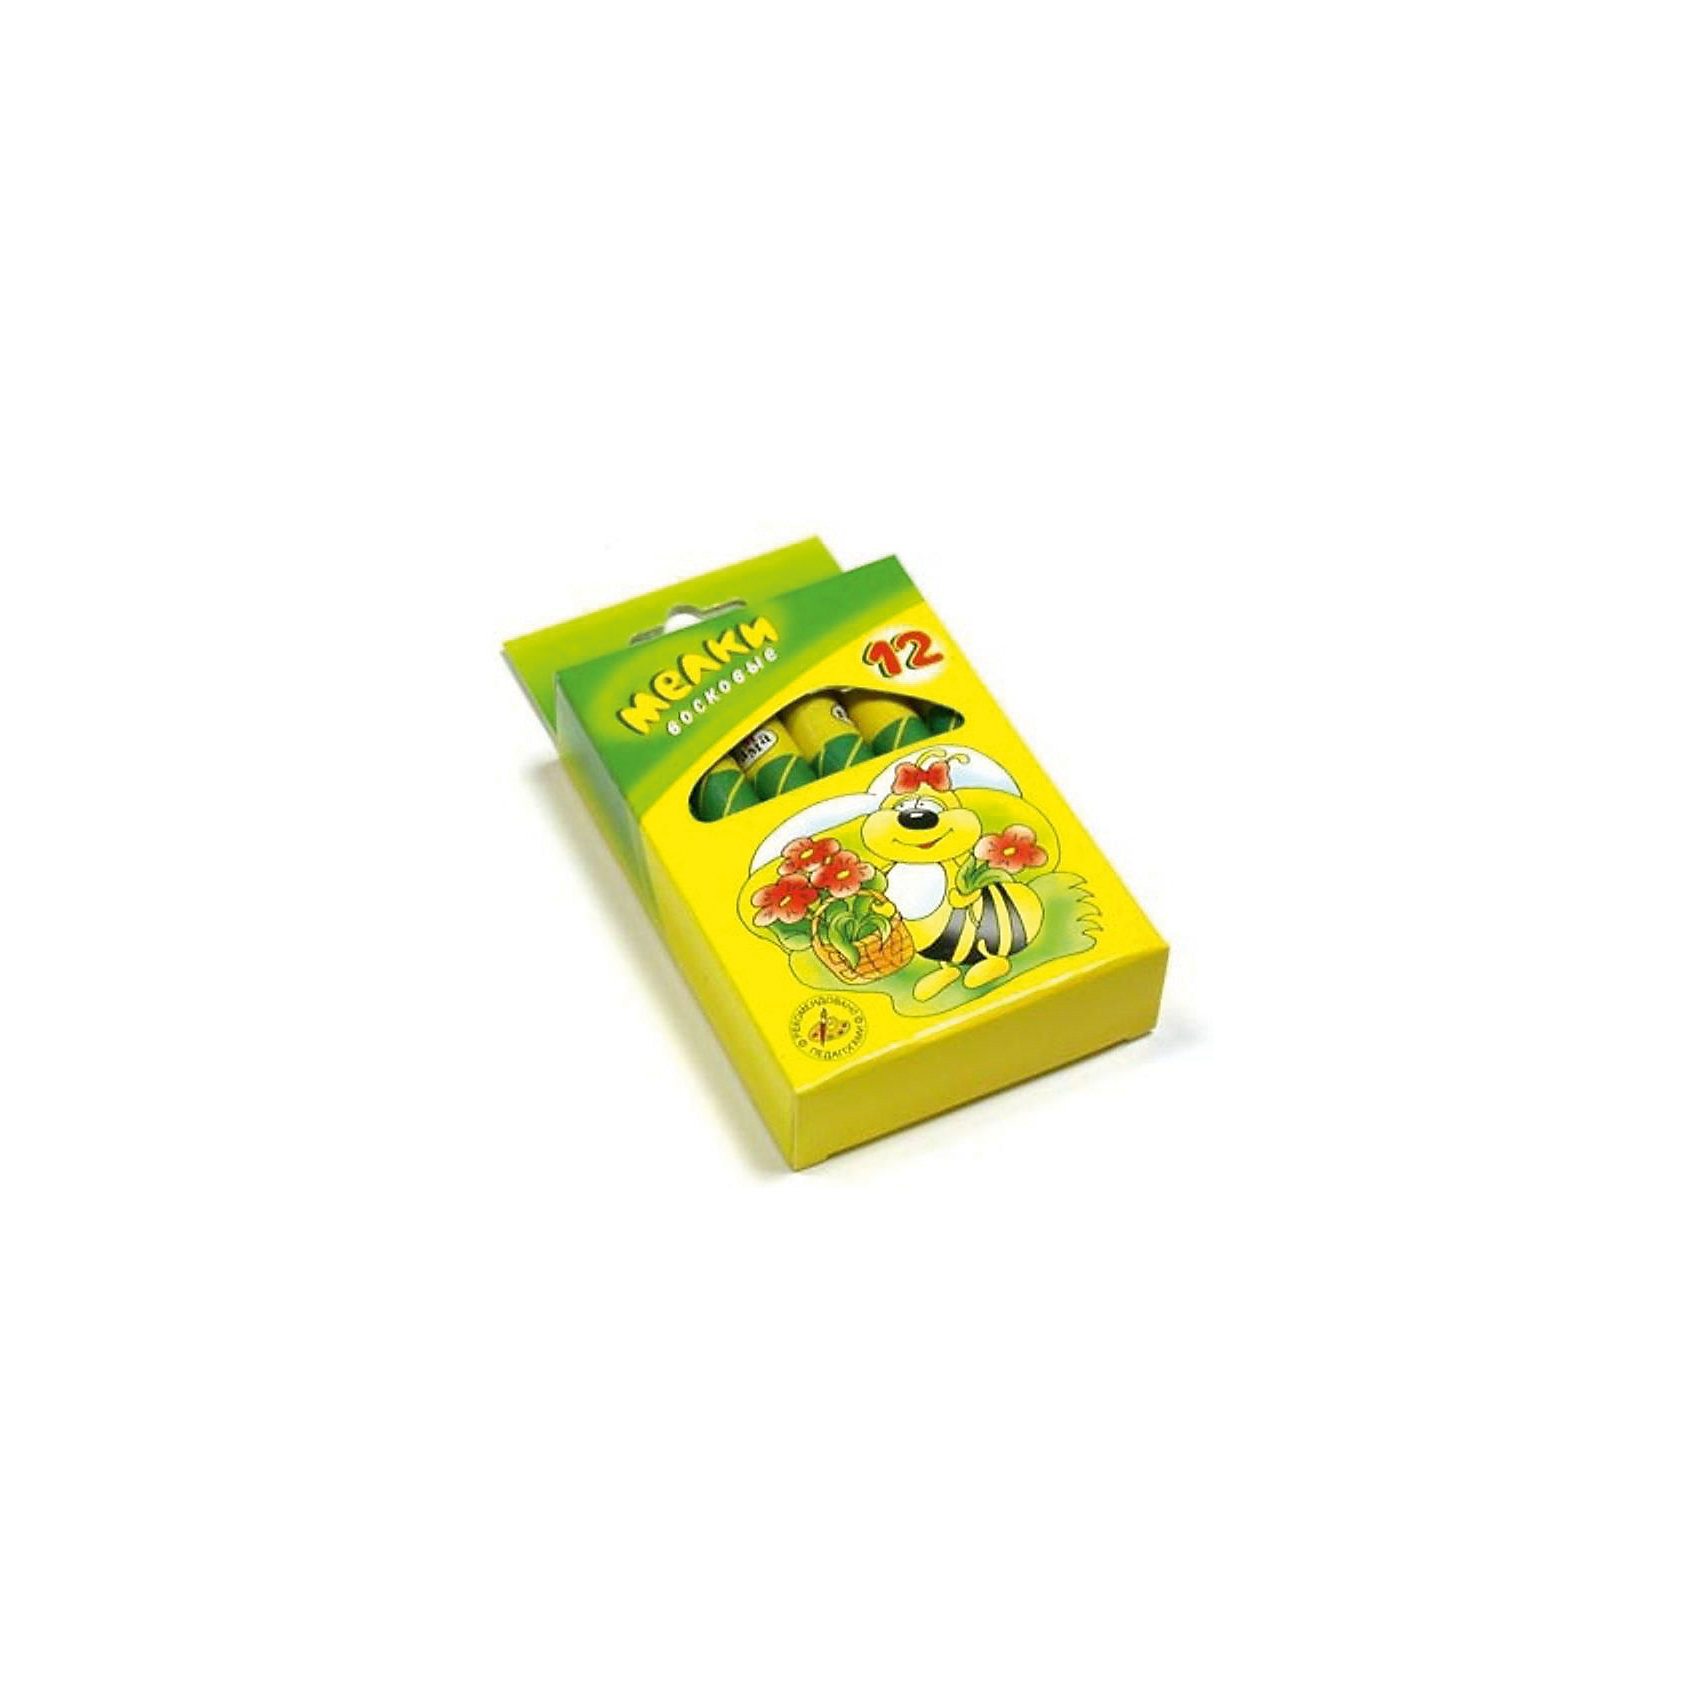 Мелки восковые 12 цветов ПЧЕЛКА 11 мм ГаммаМасляные и восковые мелки<br>Характеристики:<br><br>• возраст: от 3 лет<br>• в наборе: 12 разноцветных утолщенных восковых мелков<br>• диаметр мелка: 1,1 см.<br>• упаковка: картонная коробка с подвесом<br>• размер упаковки: 12,5х7х2,3 см.<br>• вес: 144 гр.<br><br>Мягкие утолщенные восковые мелки «Пчелка» откроют юным художникам новые горизонты для творчества.<br><br>Мелки изготовлены из экологически чистых материалов, содержат пчелиный воск.<br><br>Мелки предназначены для рисования на любой бумаге. Легко ложатся на поверхность, хорошо смешиваются между собой. Не крошатся, не ломаются.<br><br>Каждый мелок помещен в бумажную обертку, благодаря чему пальчики ребенка останутся чистыми.<br><br>Мелки восковые 12 цветов ПЧЕЛКА 11 мм Гамма можно купить в нашем интернет-магазине.<br><br>Ширина мм: 95<br>Глубина мм: 70<br>Высота мм: 25<br>Вес г: 140<br>Возраст от месяцев: 36<br>Возраст до месяцев: 2147483647<br>Пол: Унисекс<br>Возраст: Детский<br>SKU: 7010514